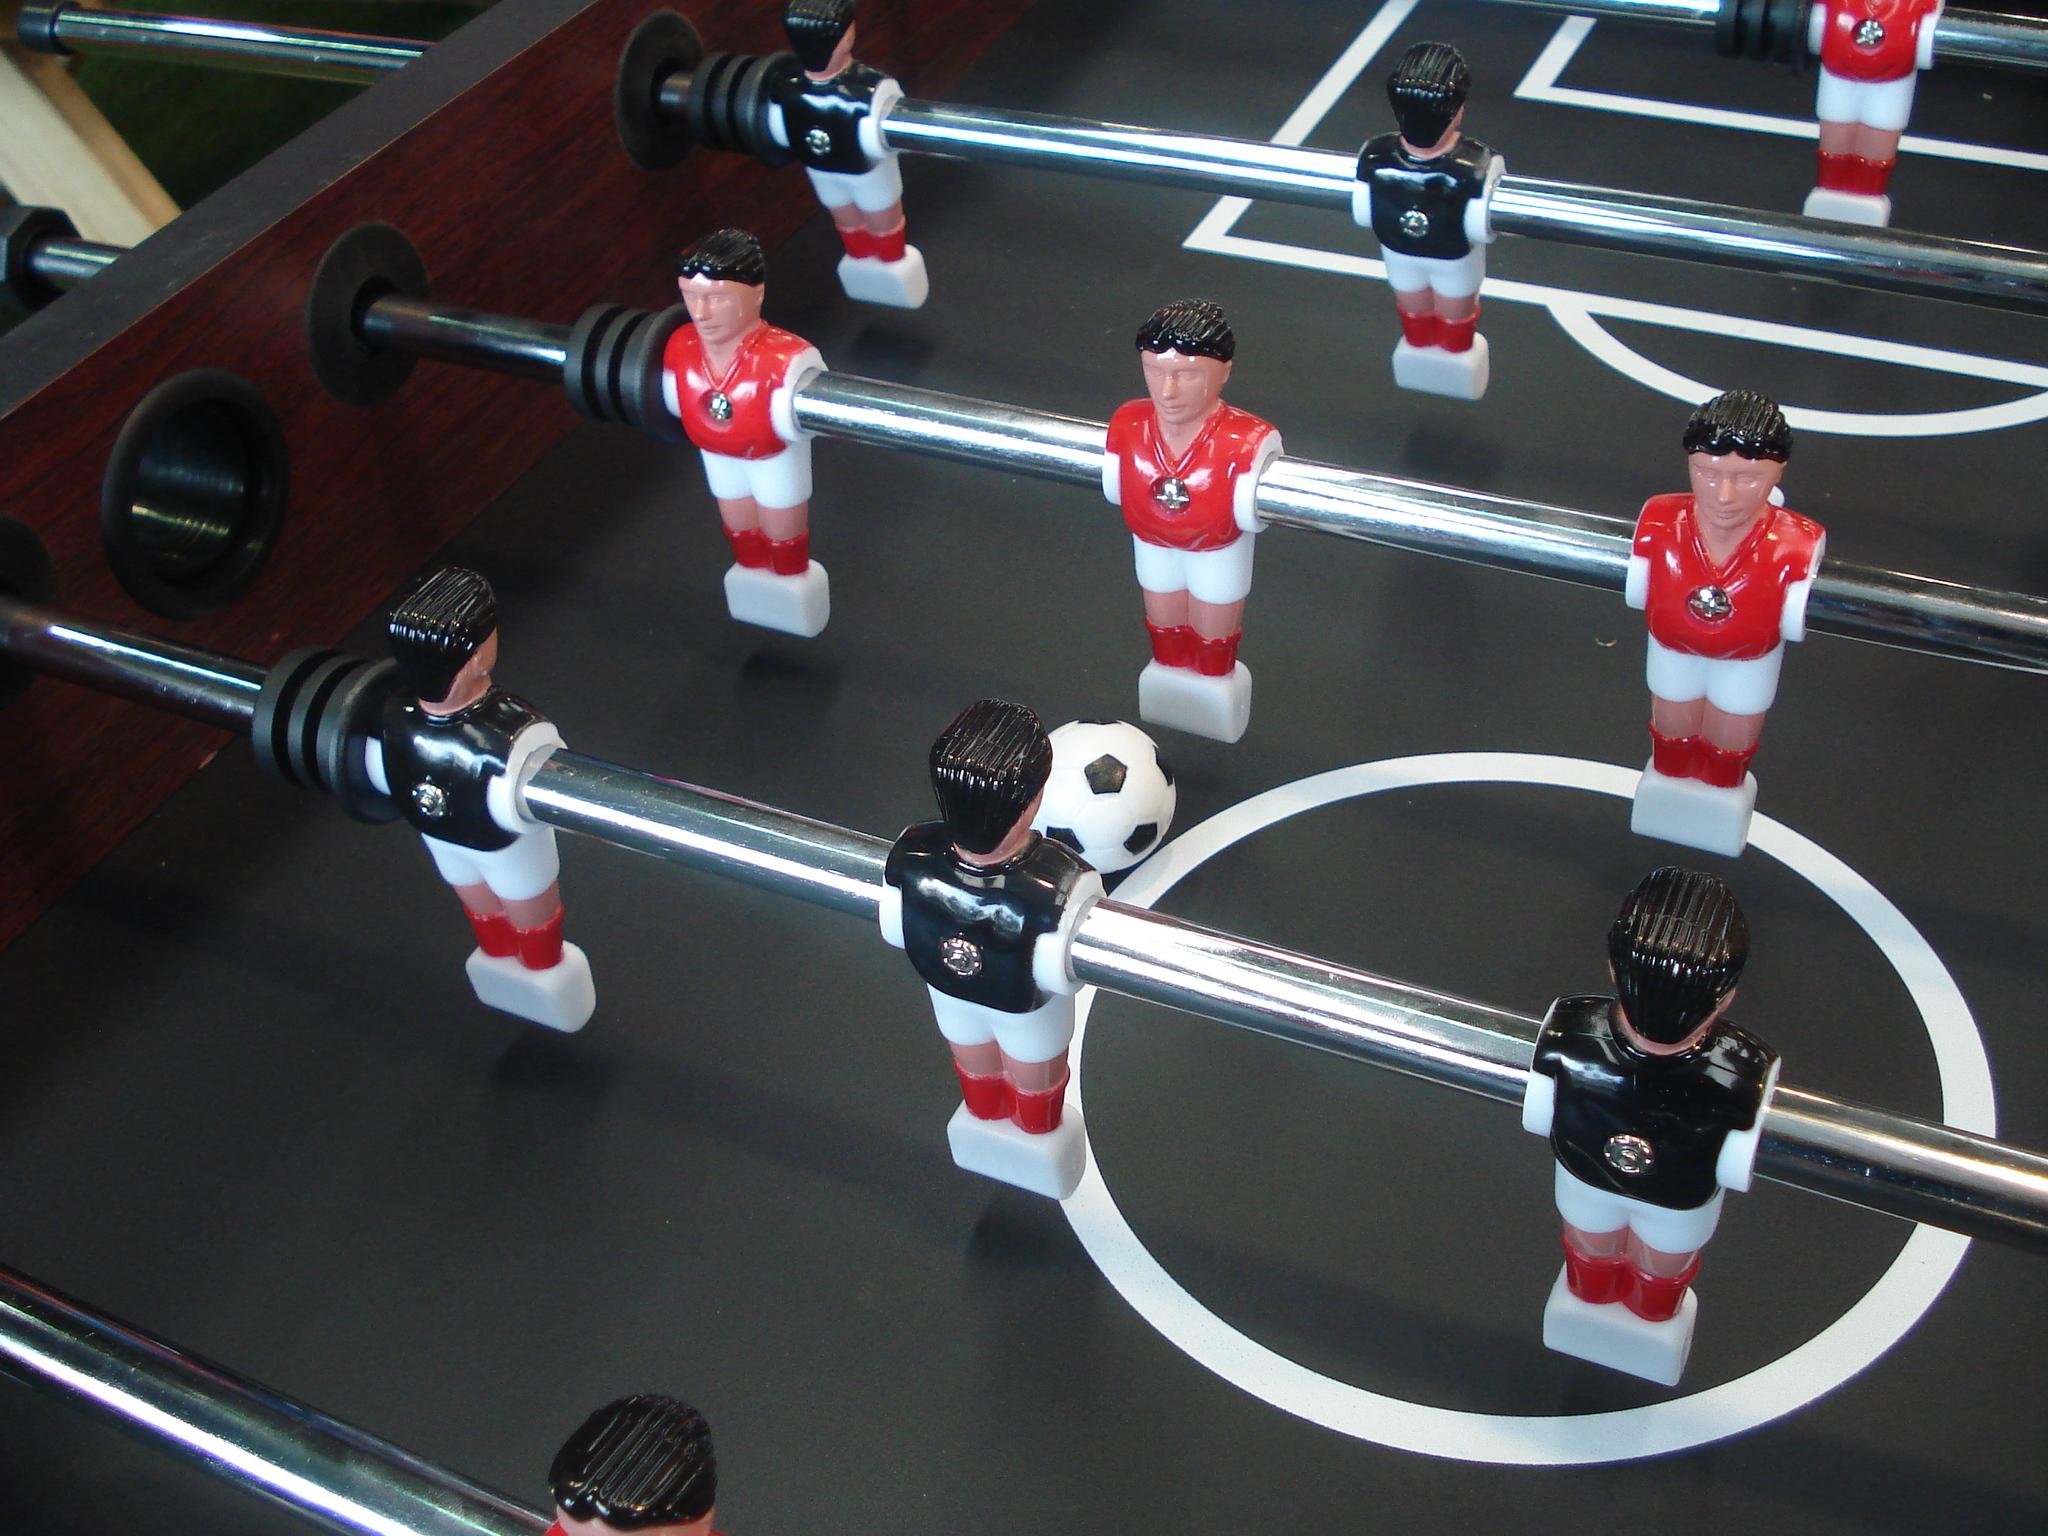 jugadores del futbolín masgames